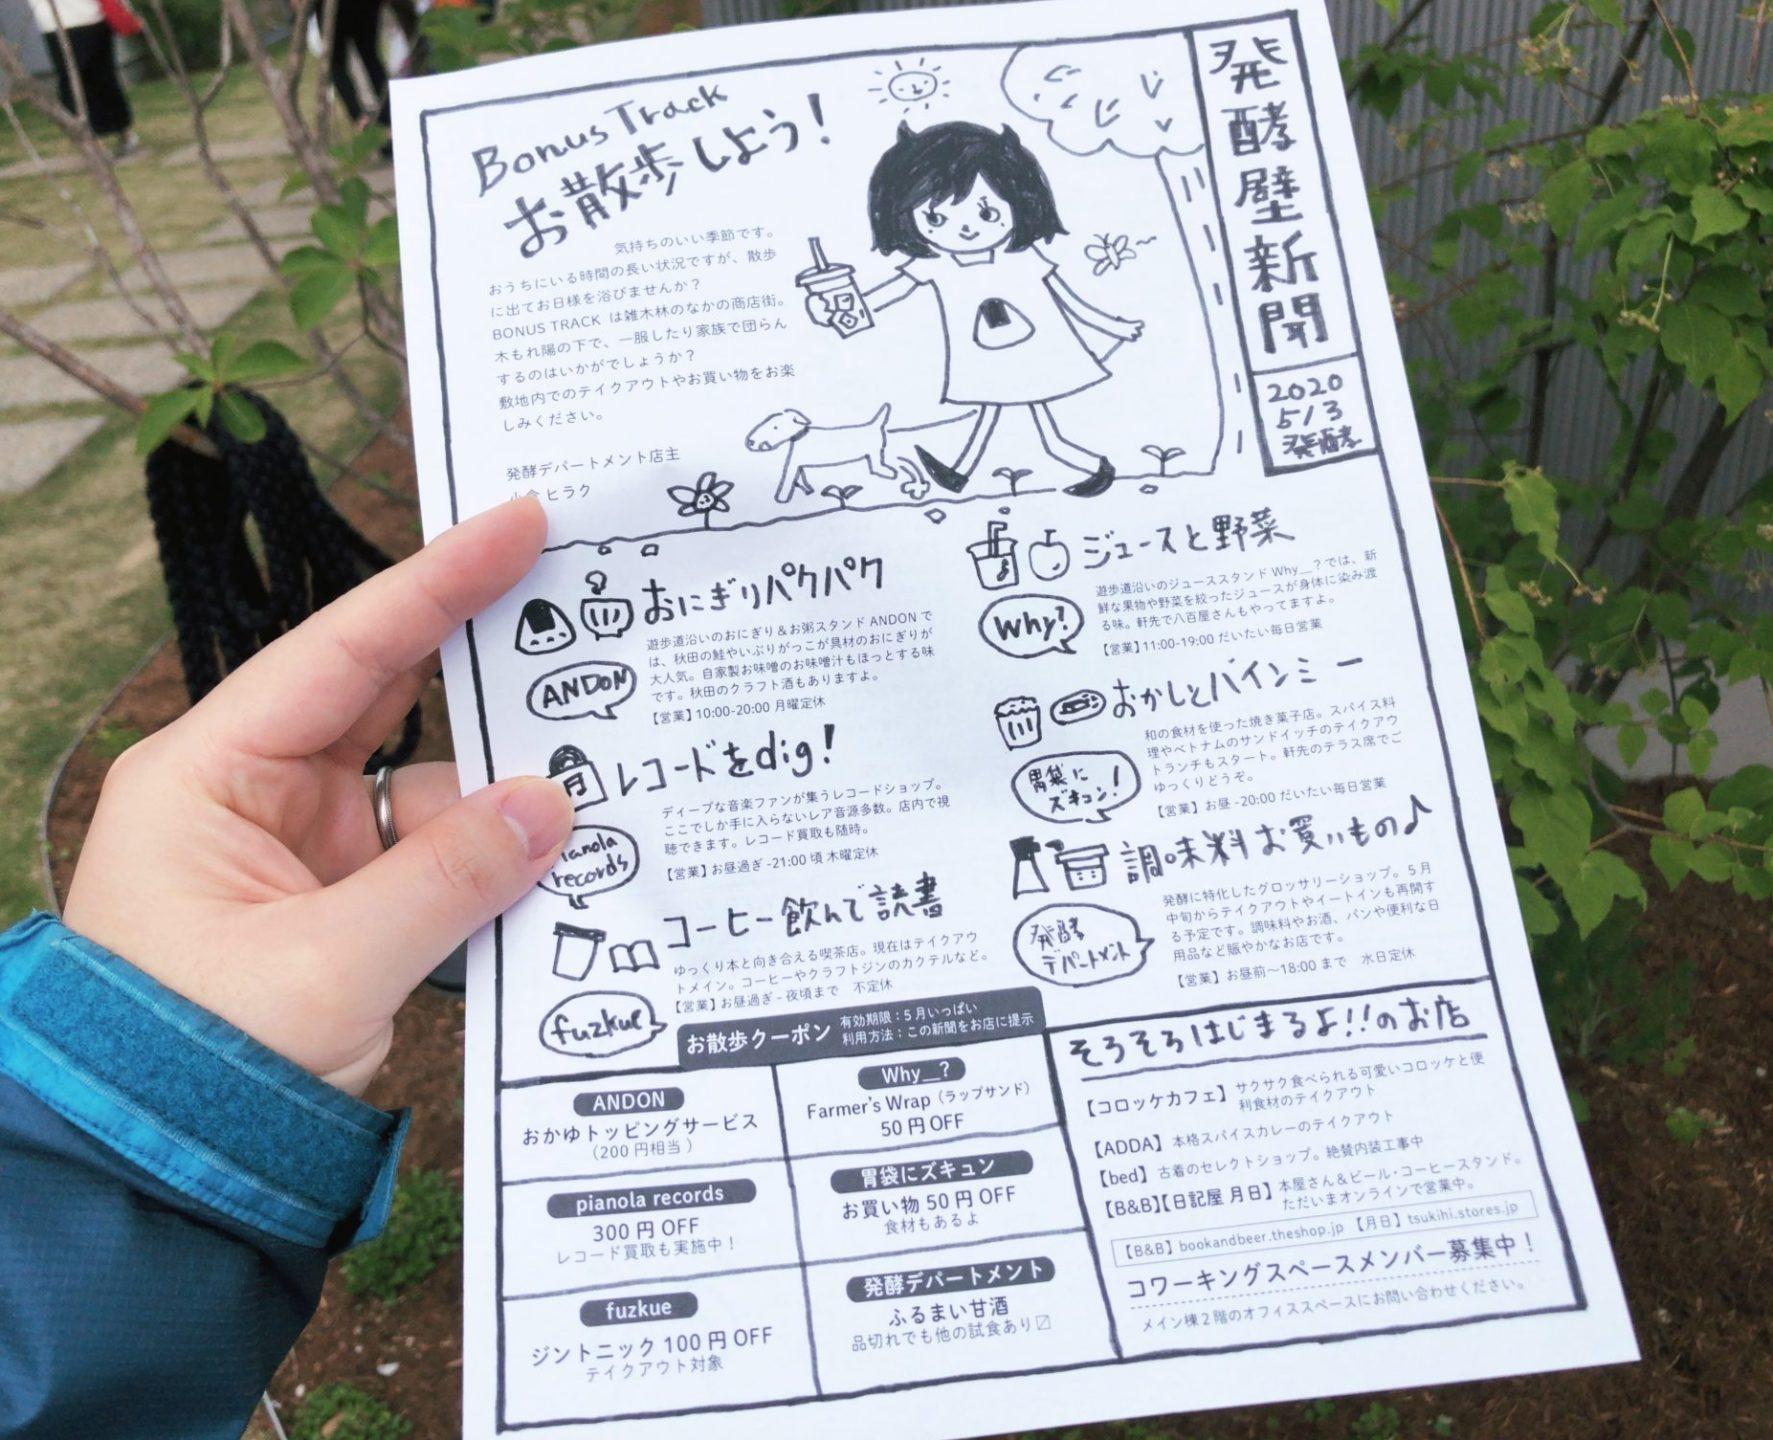 発酵デパートメント下北沢の発酵壁新聞